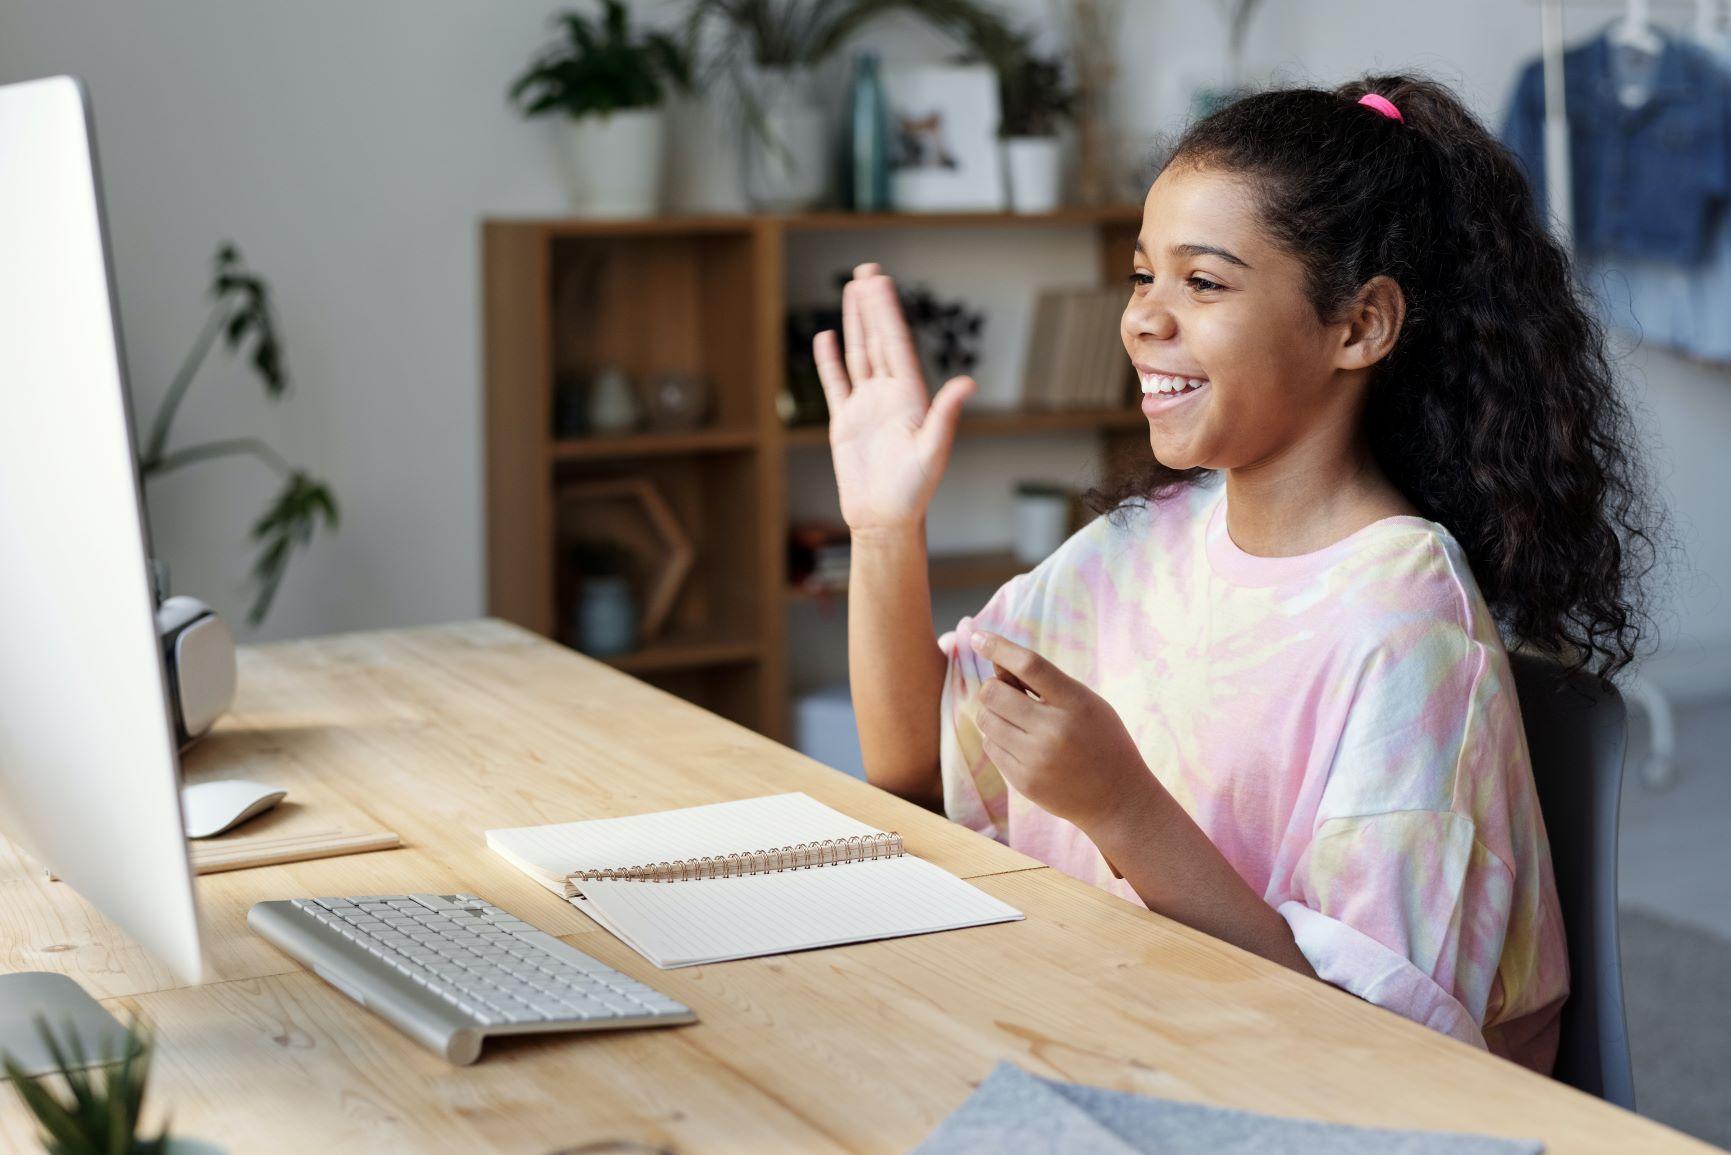 Diálogo sobre didática: como prender a atenção do aluno?